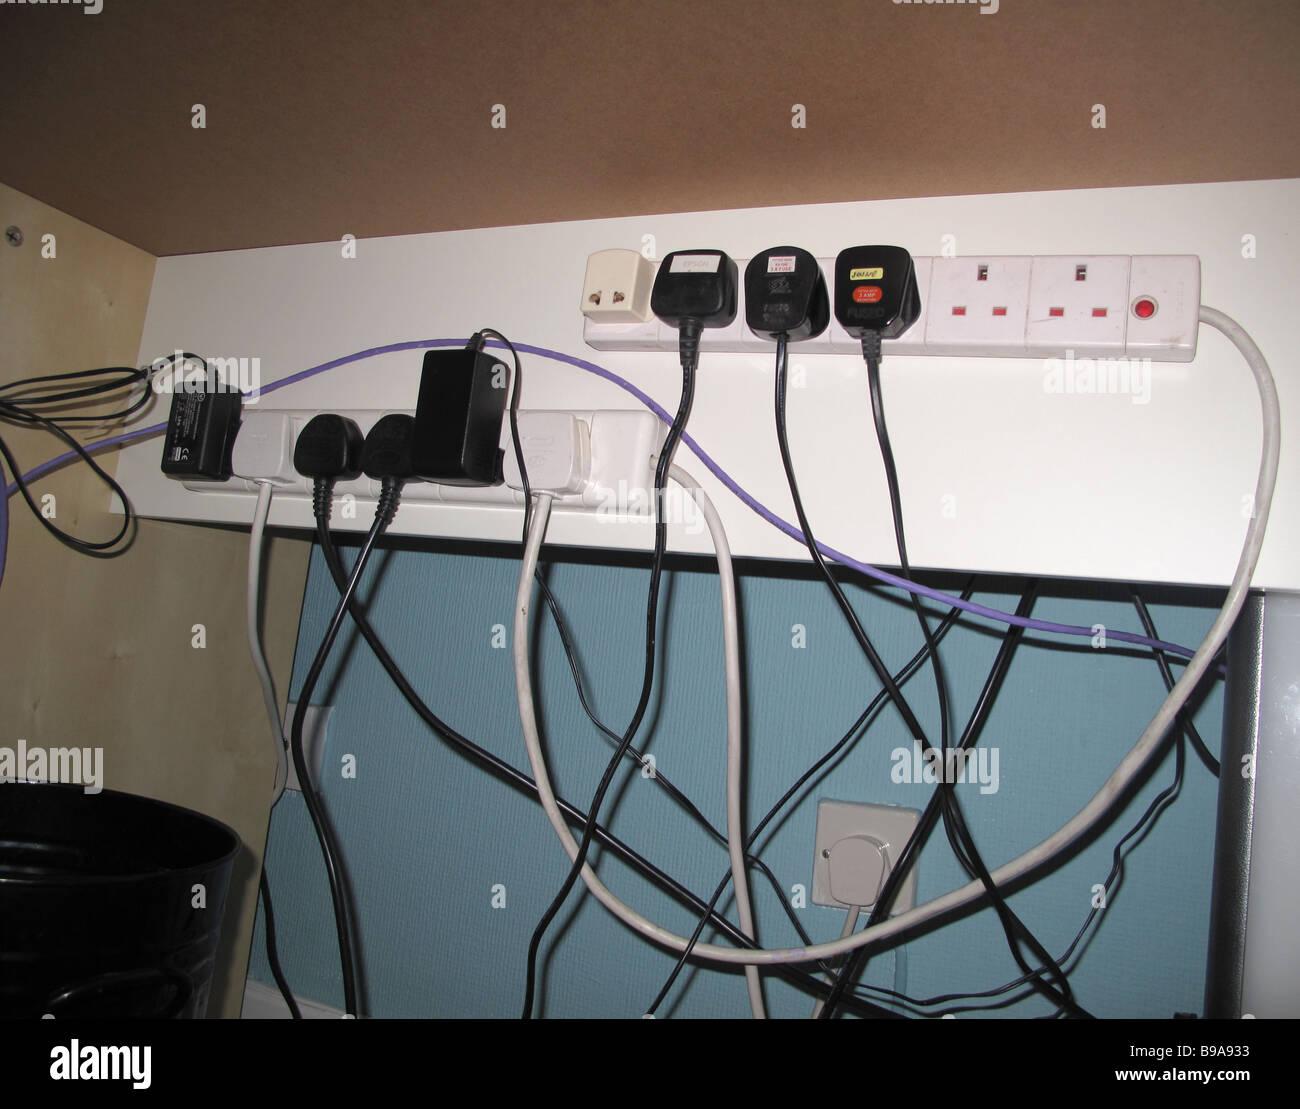 Overloaded Electrical Sockets Uk Stockfotos Wiring Elektrische Stecker Und Steckdosen Unter Schreibtisch Stockbild